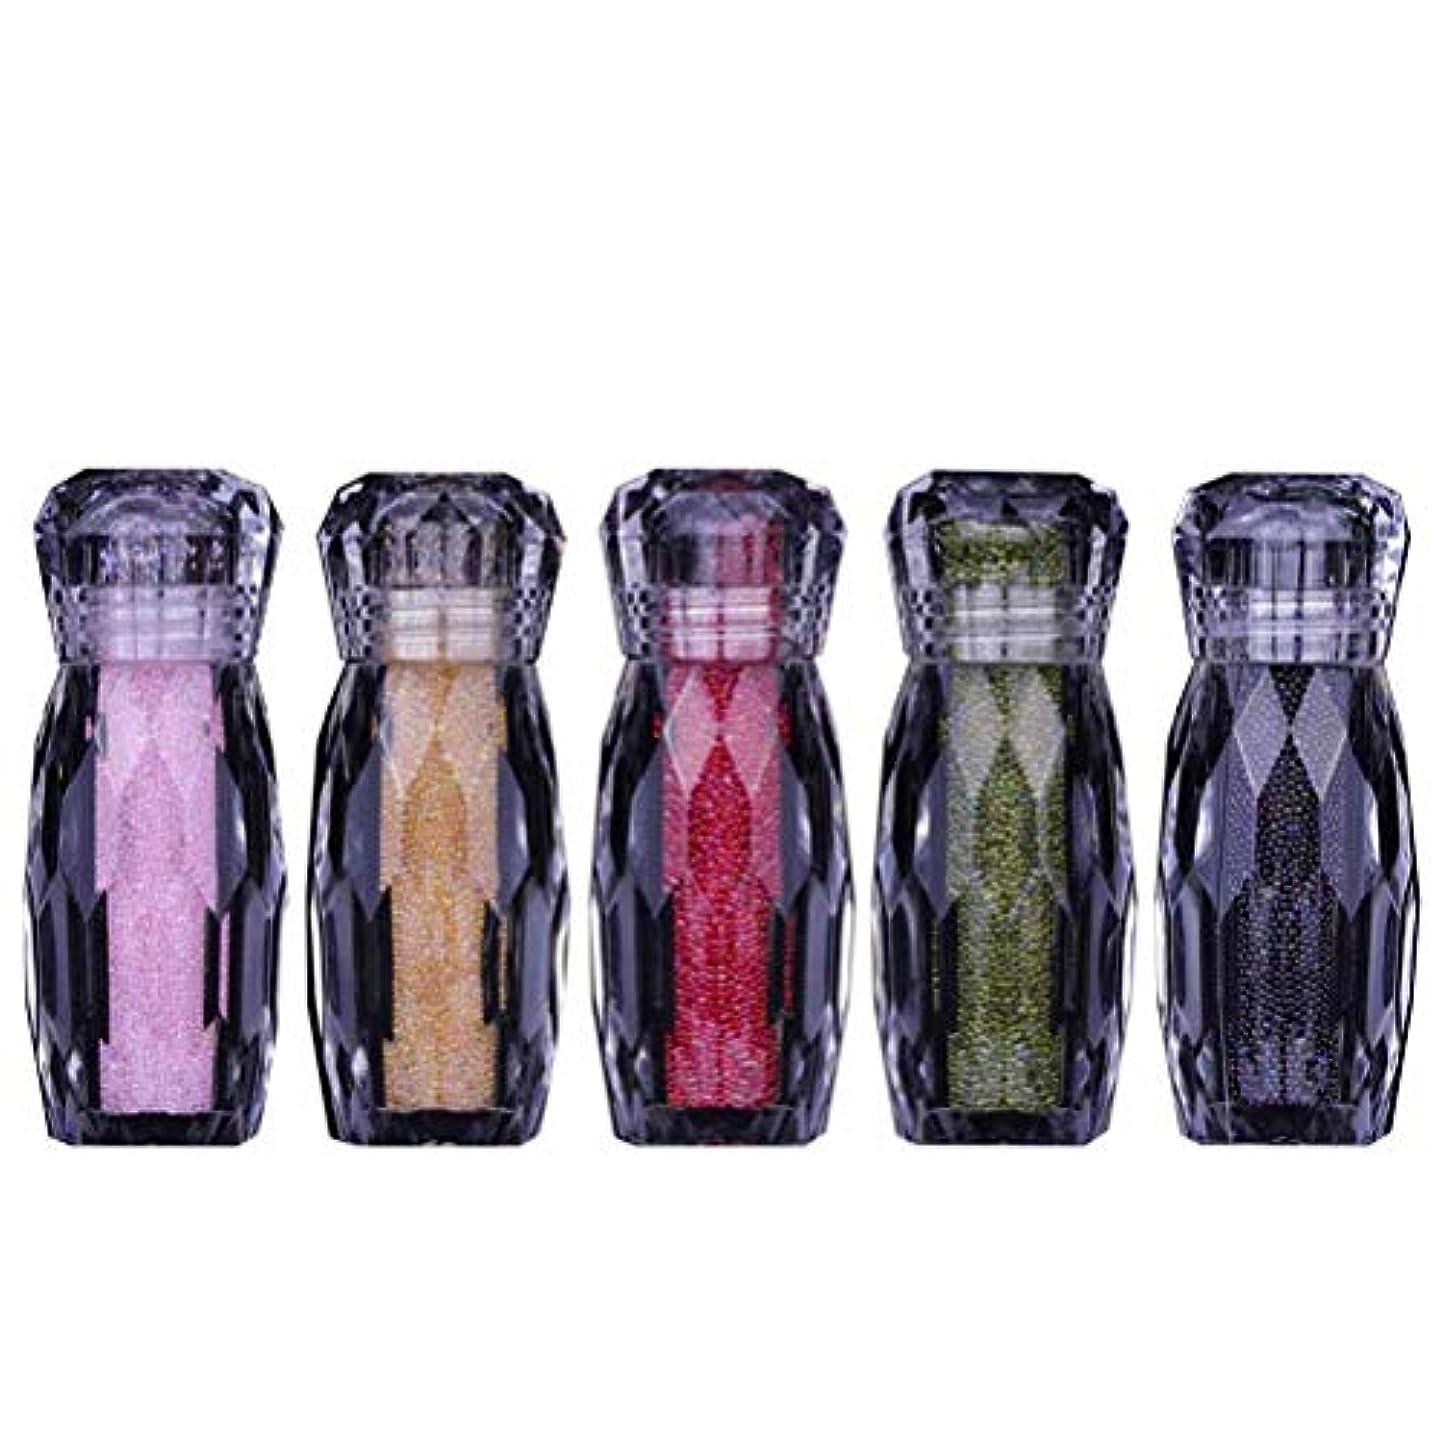 法律により懲らしめ微生物Lurrose 5ピースネイルアートラインストーンキットdiyの光沢のあるラインストーンダイヤモンドビーズ用ネイルアートの装飾用品